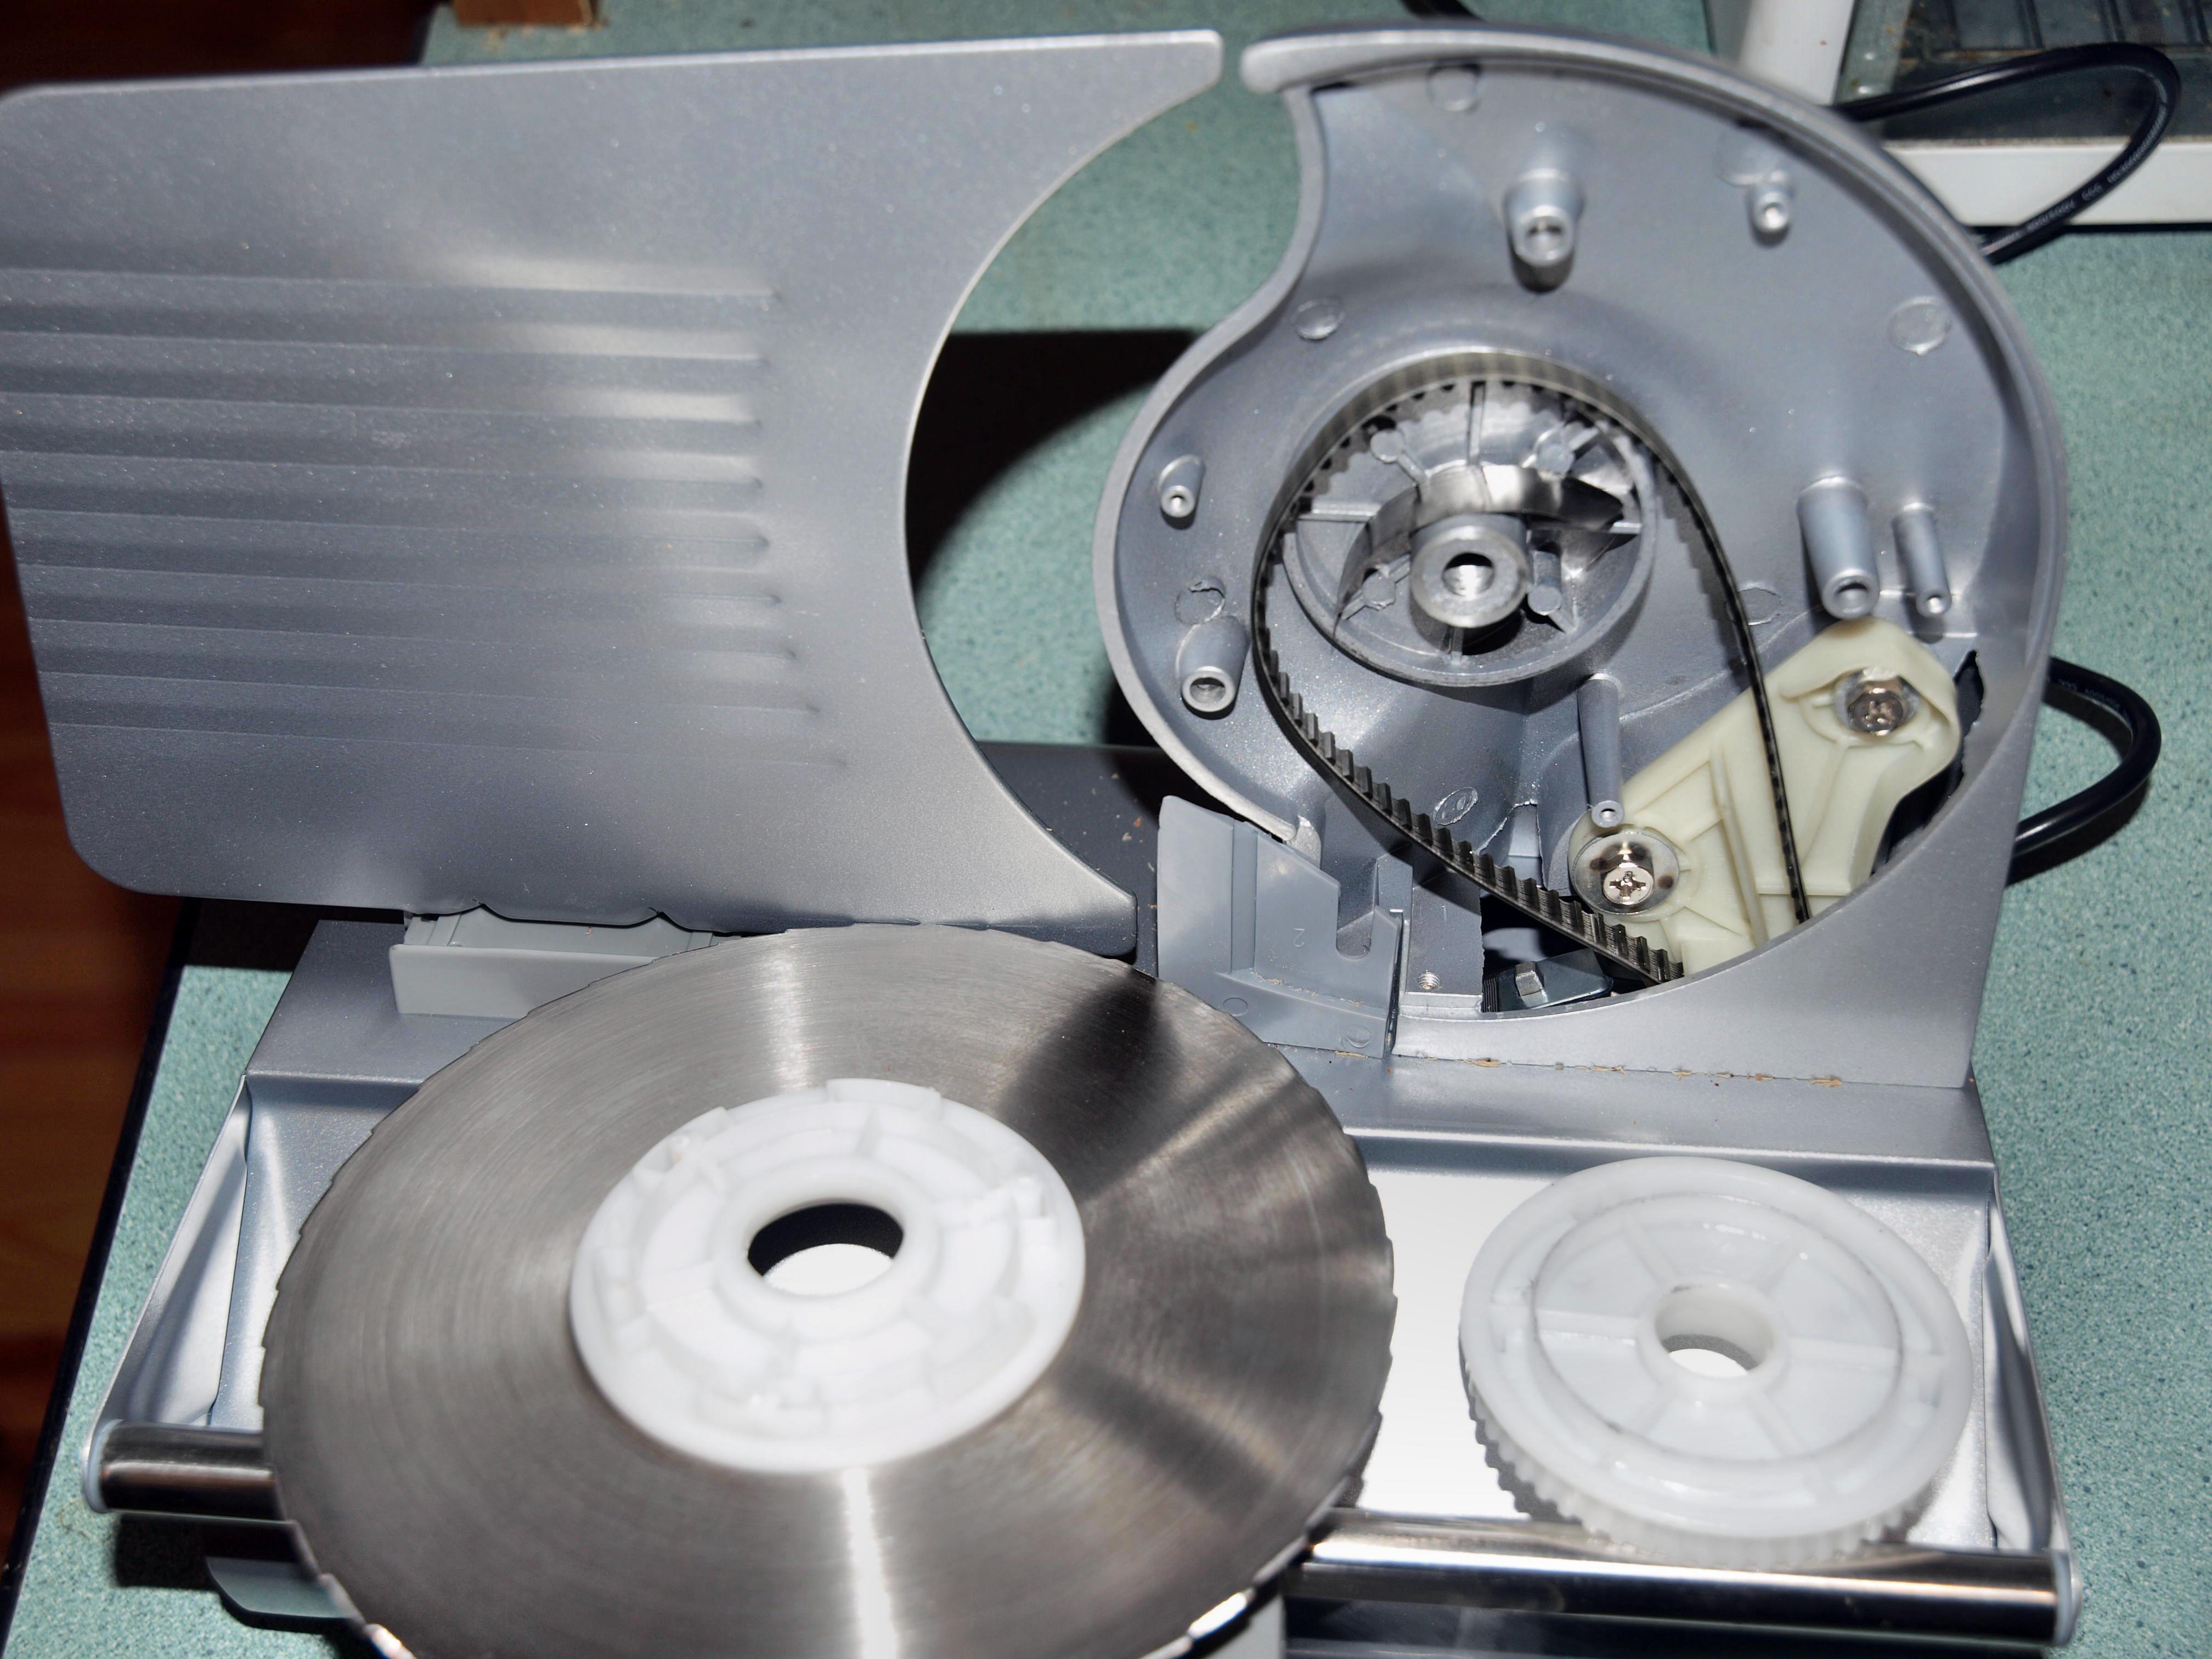 ALDI-slicer-2.jpeg